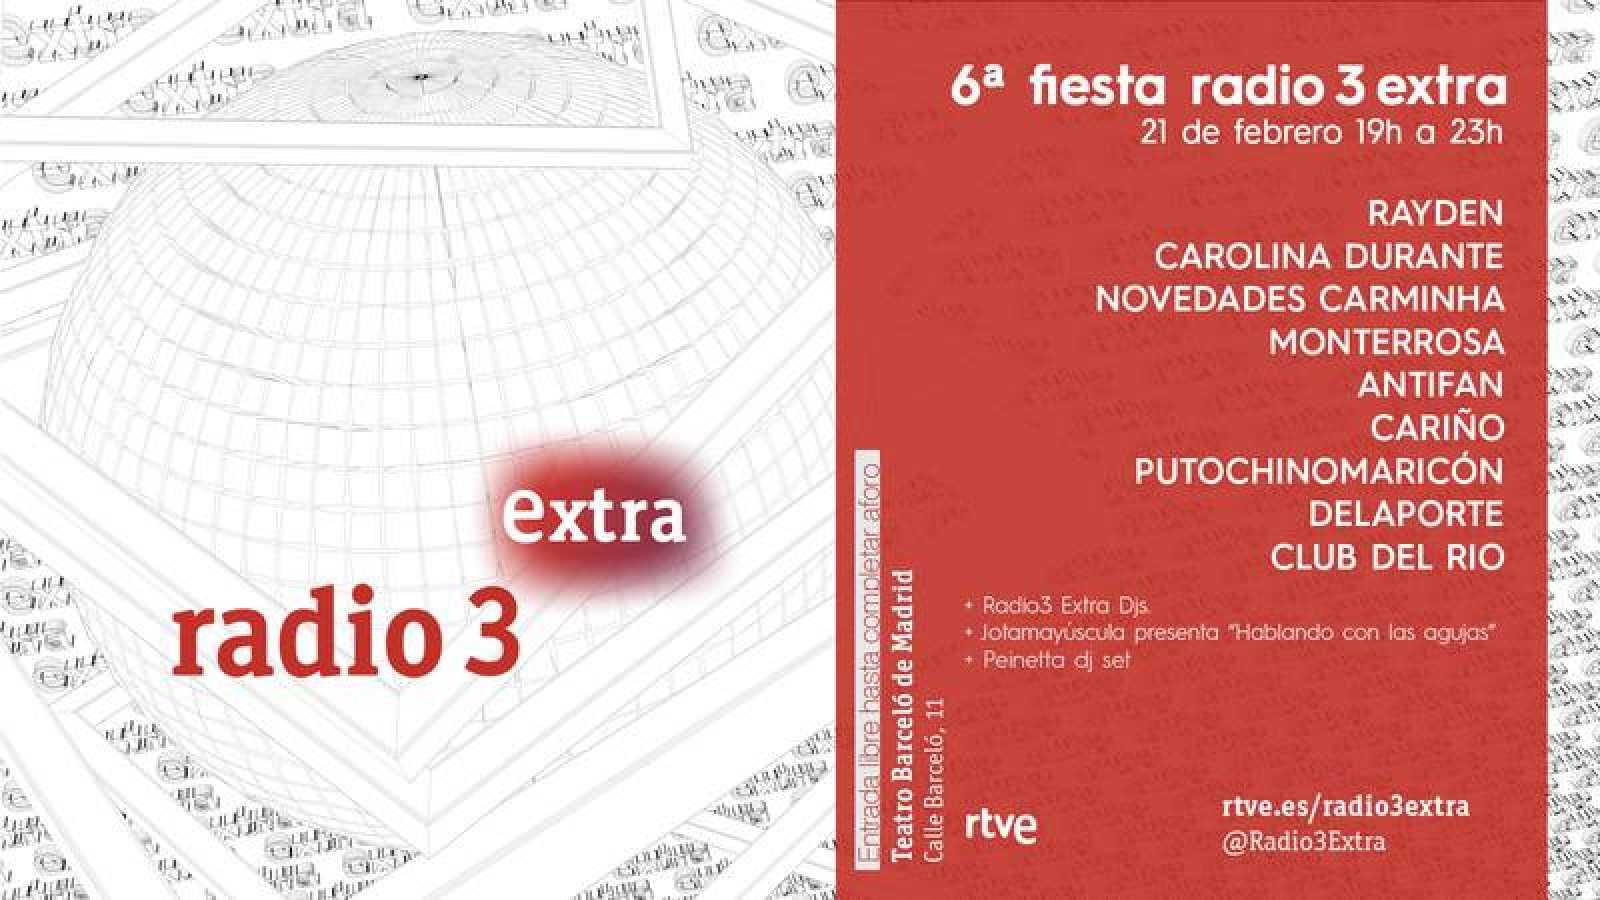 Cartel de la fiesta Radio 3 Extra